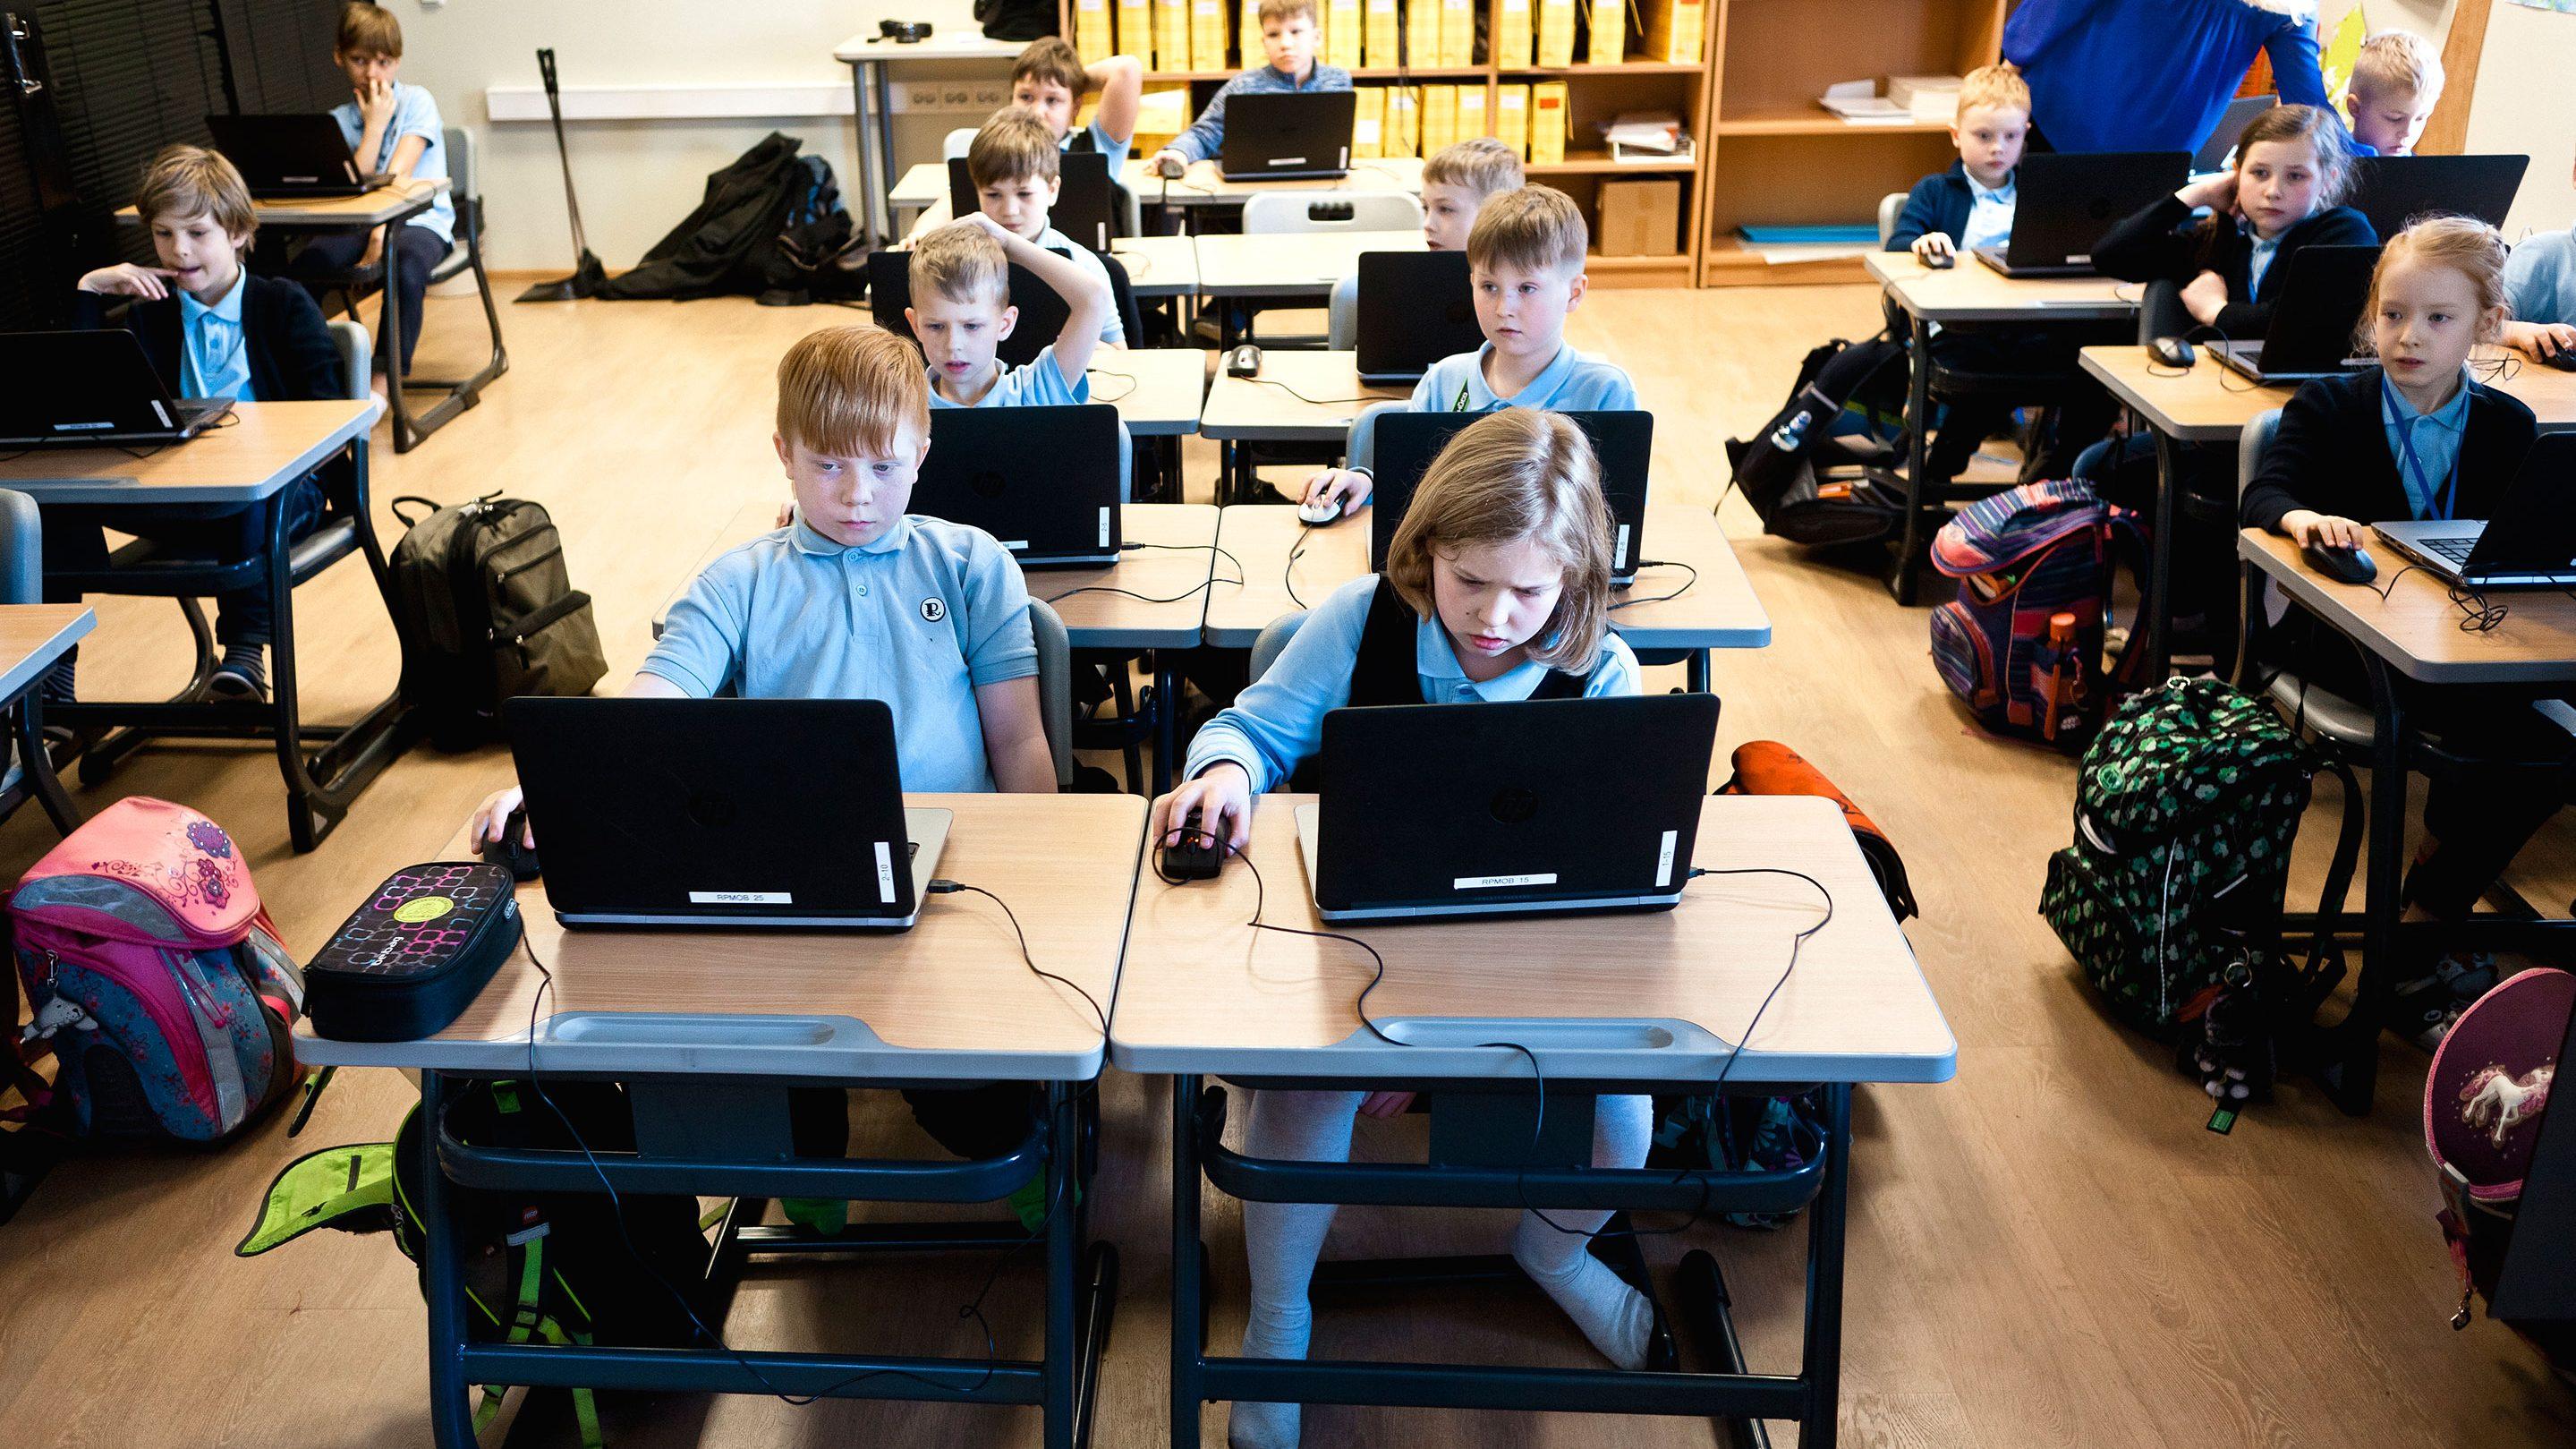 Estônia: o melhor ensino da Europa